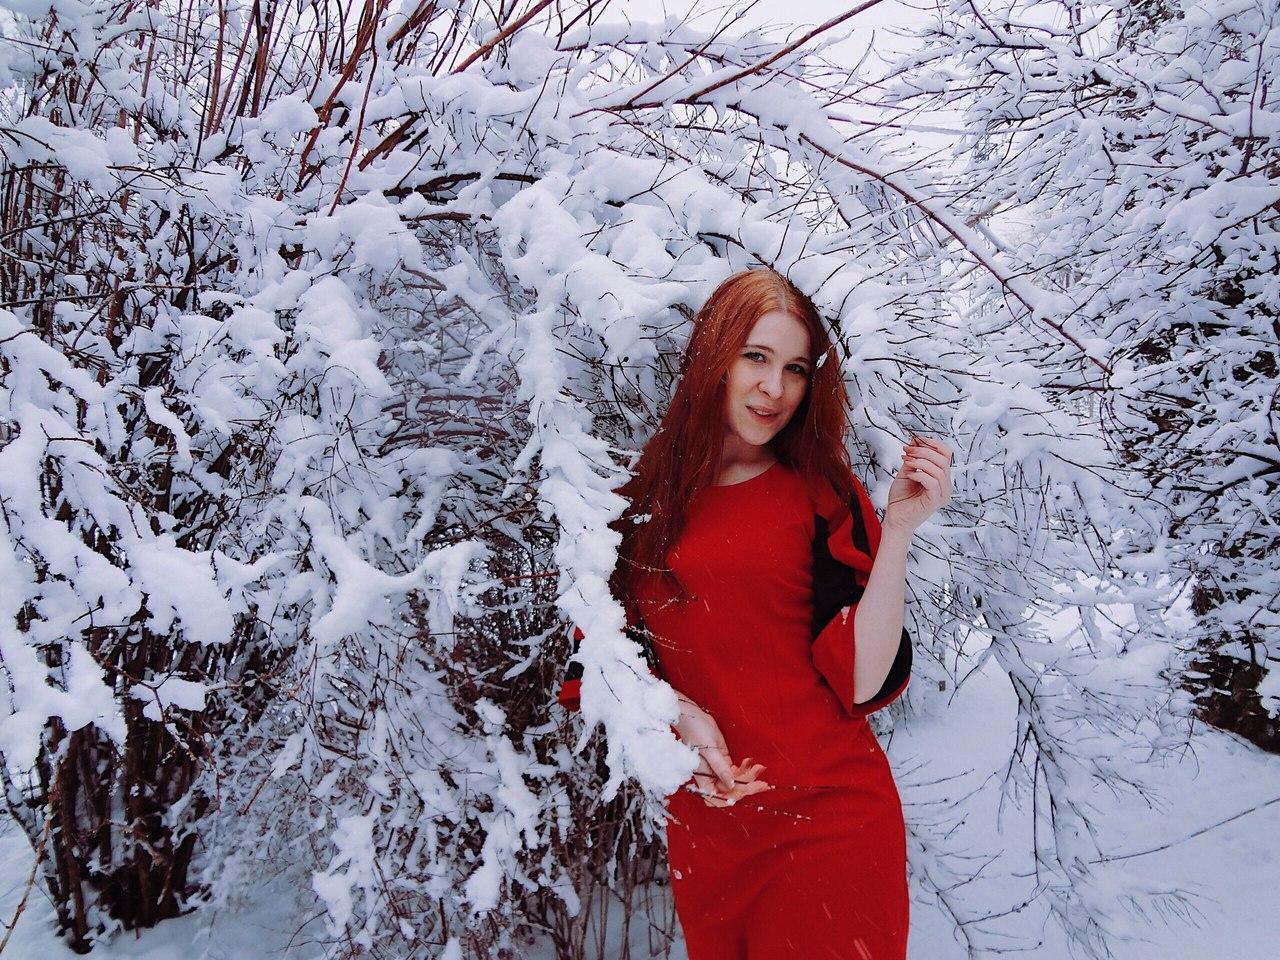 Розалина Судонина, Москва - фото №3